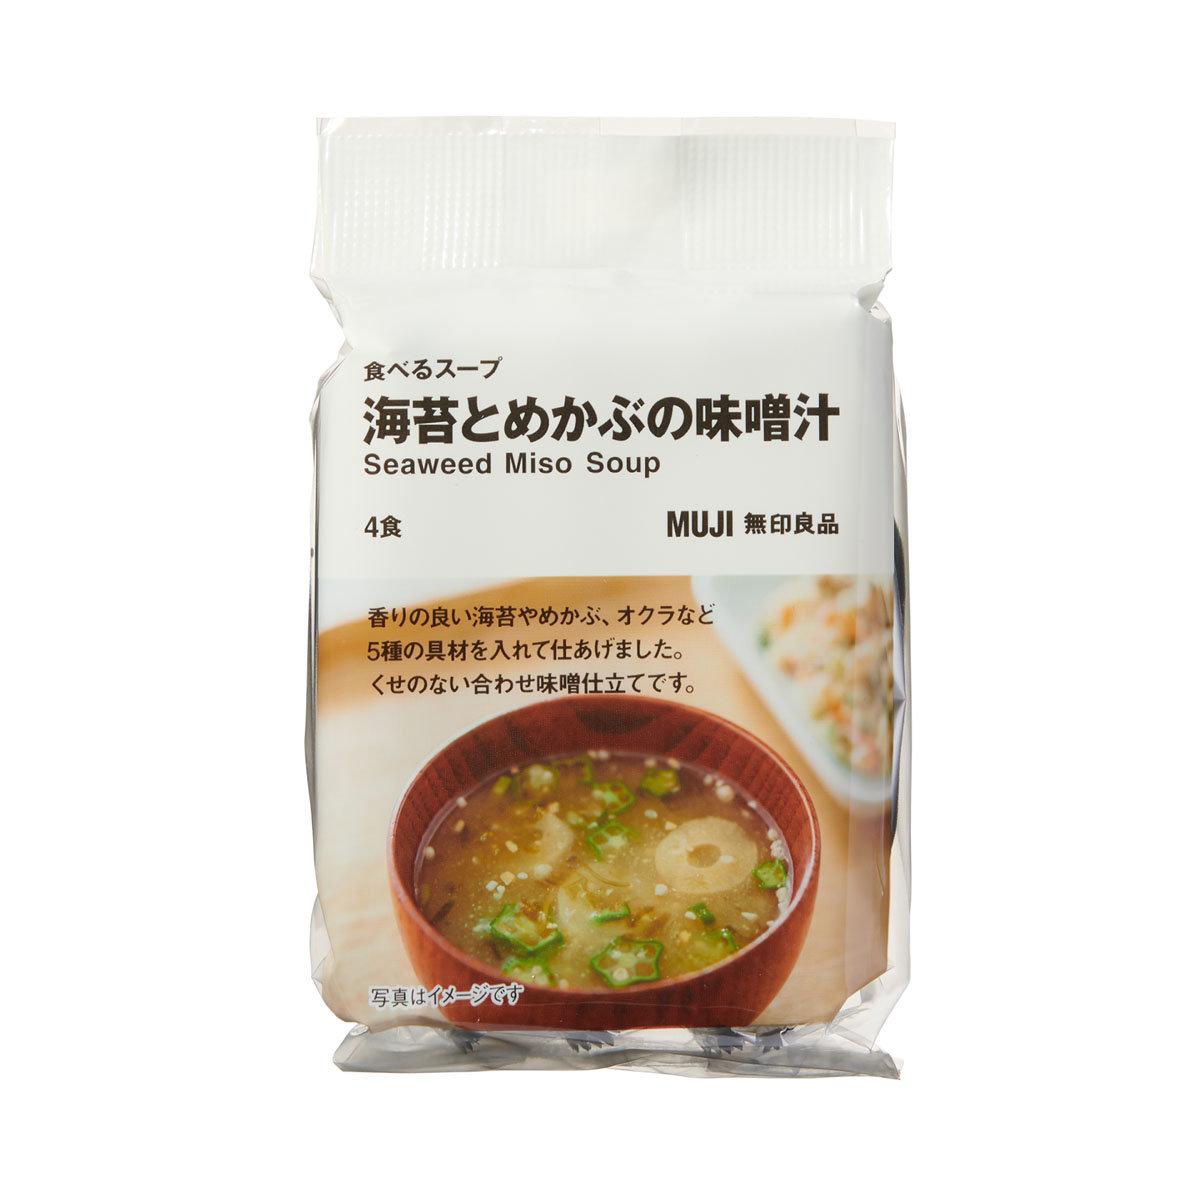 即沖海苔味噌湯